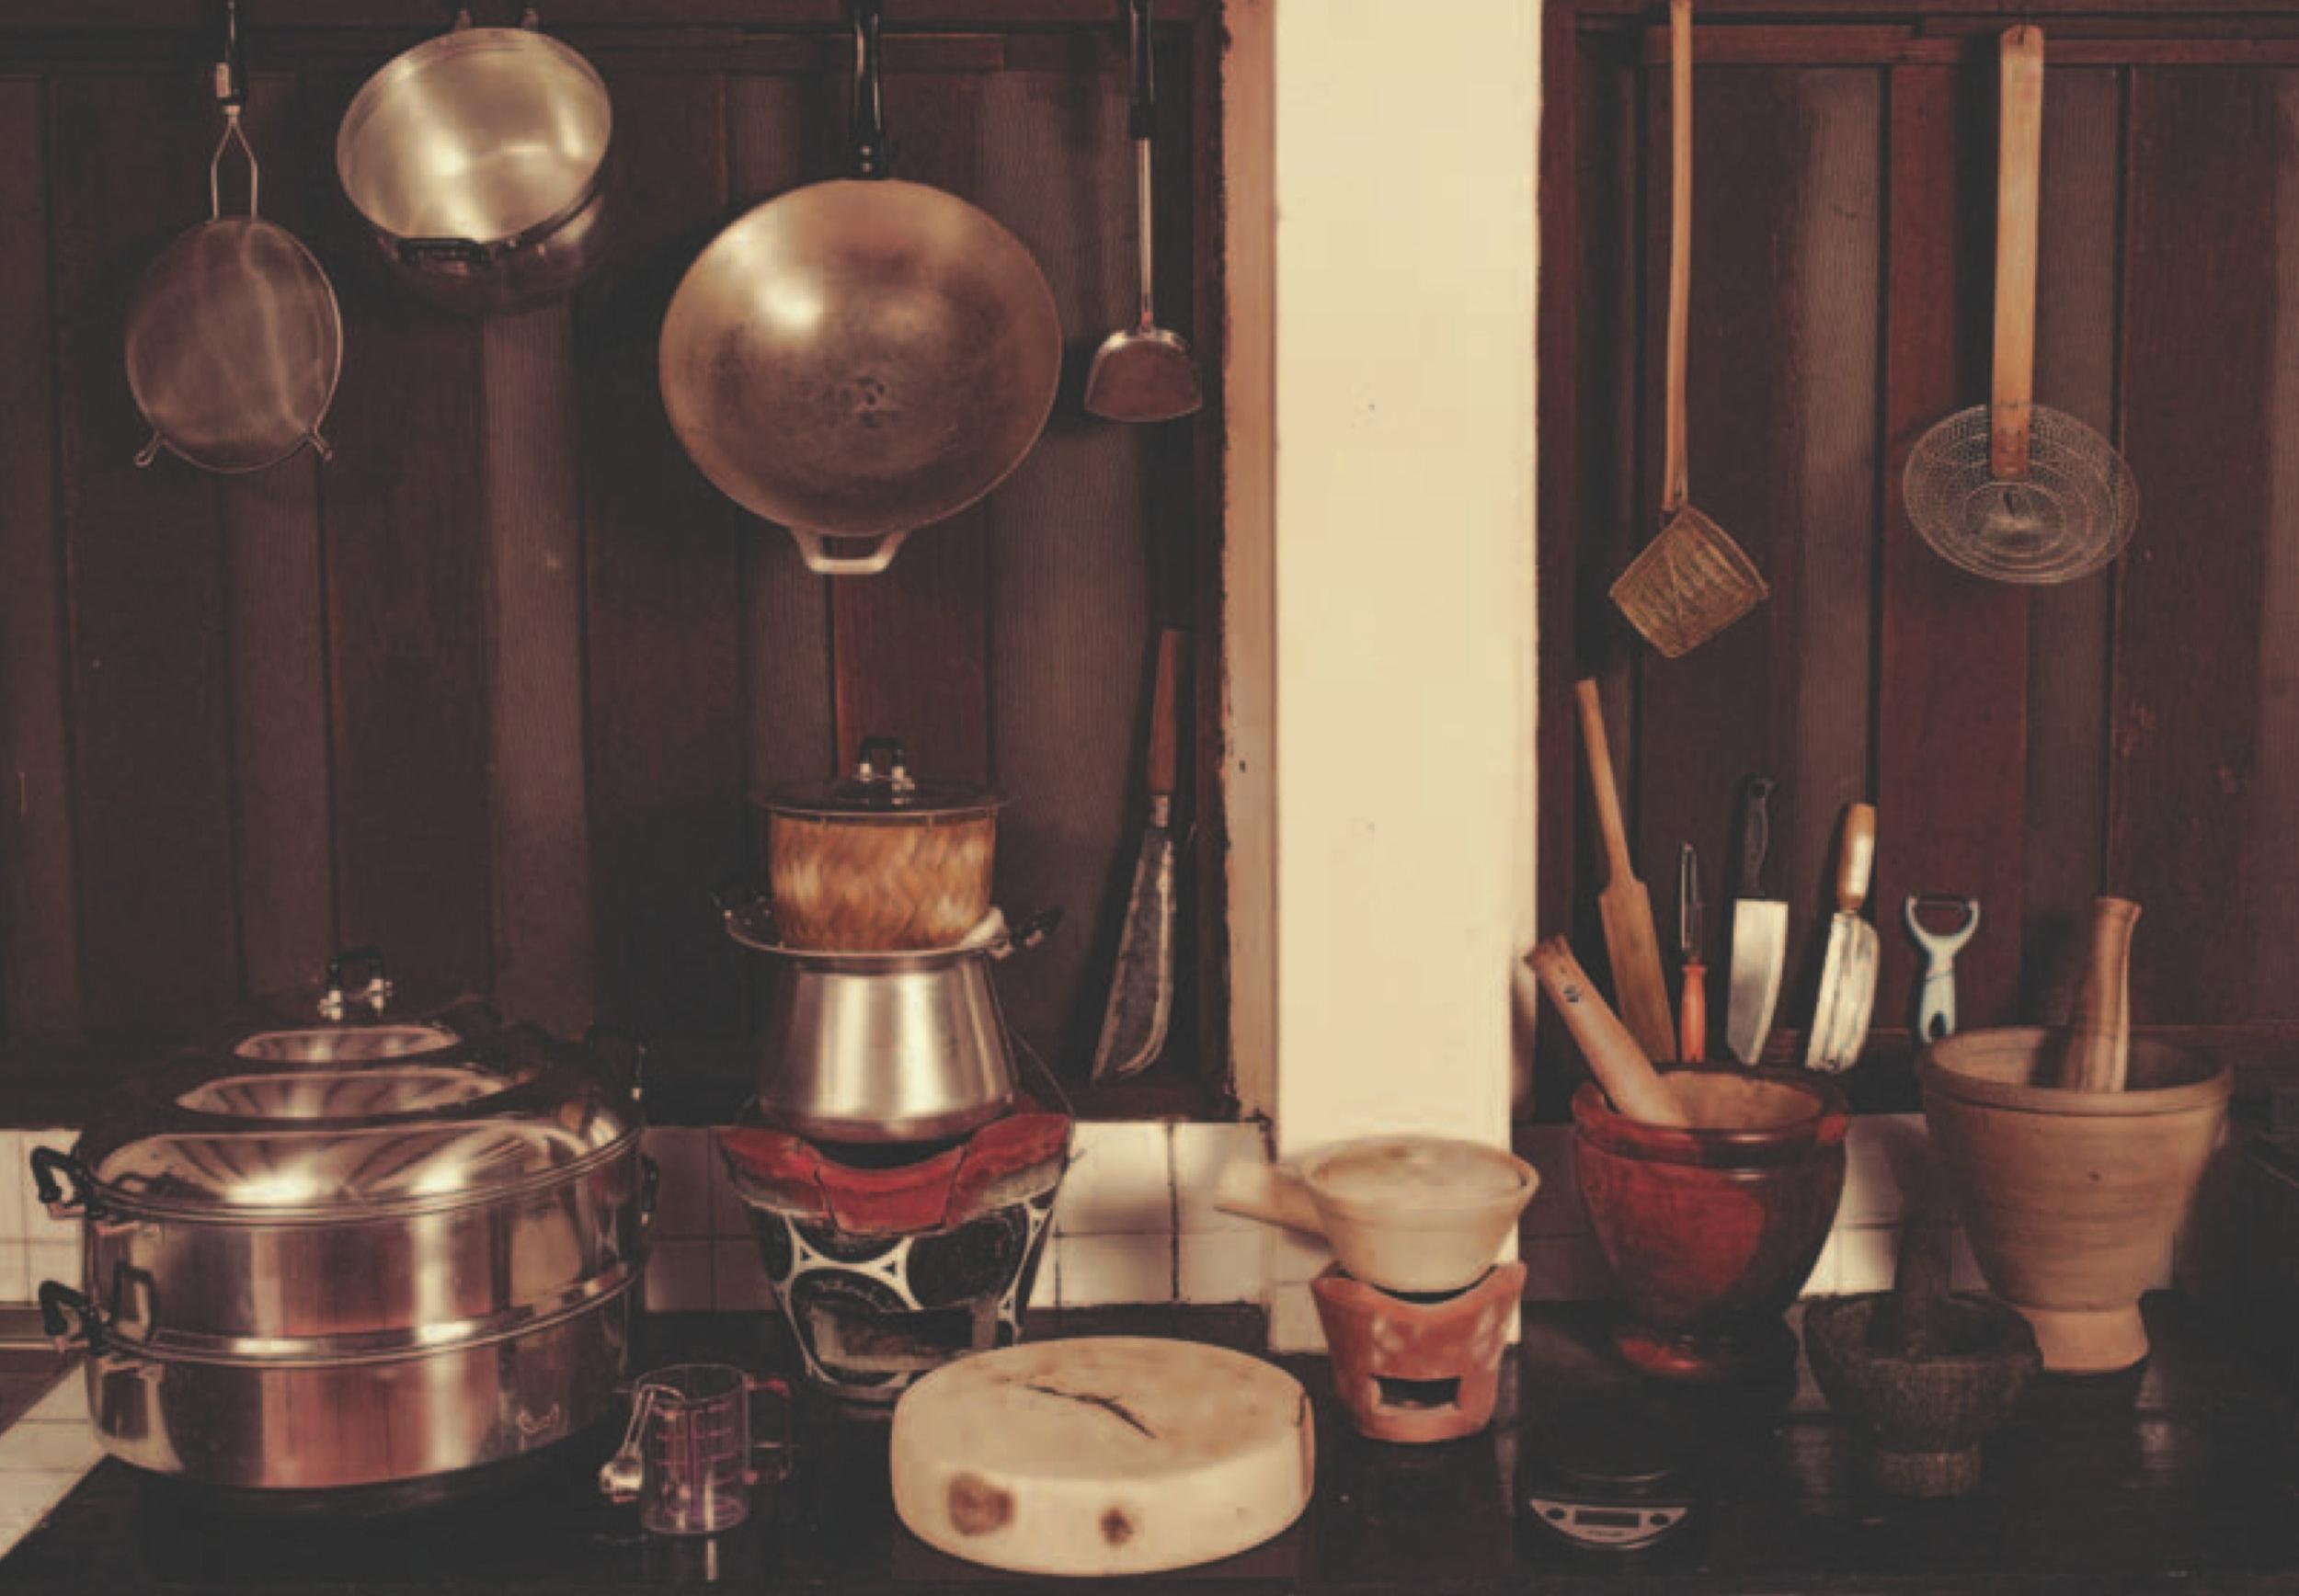 Thai kitchen image.jpg